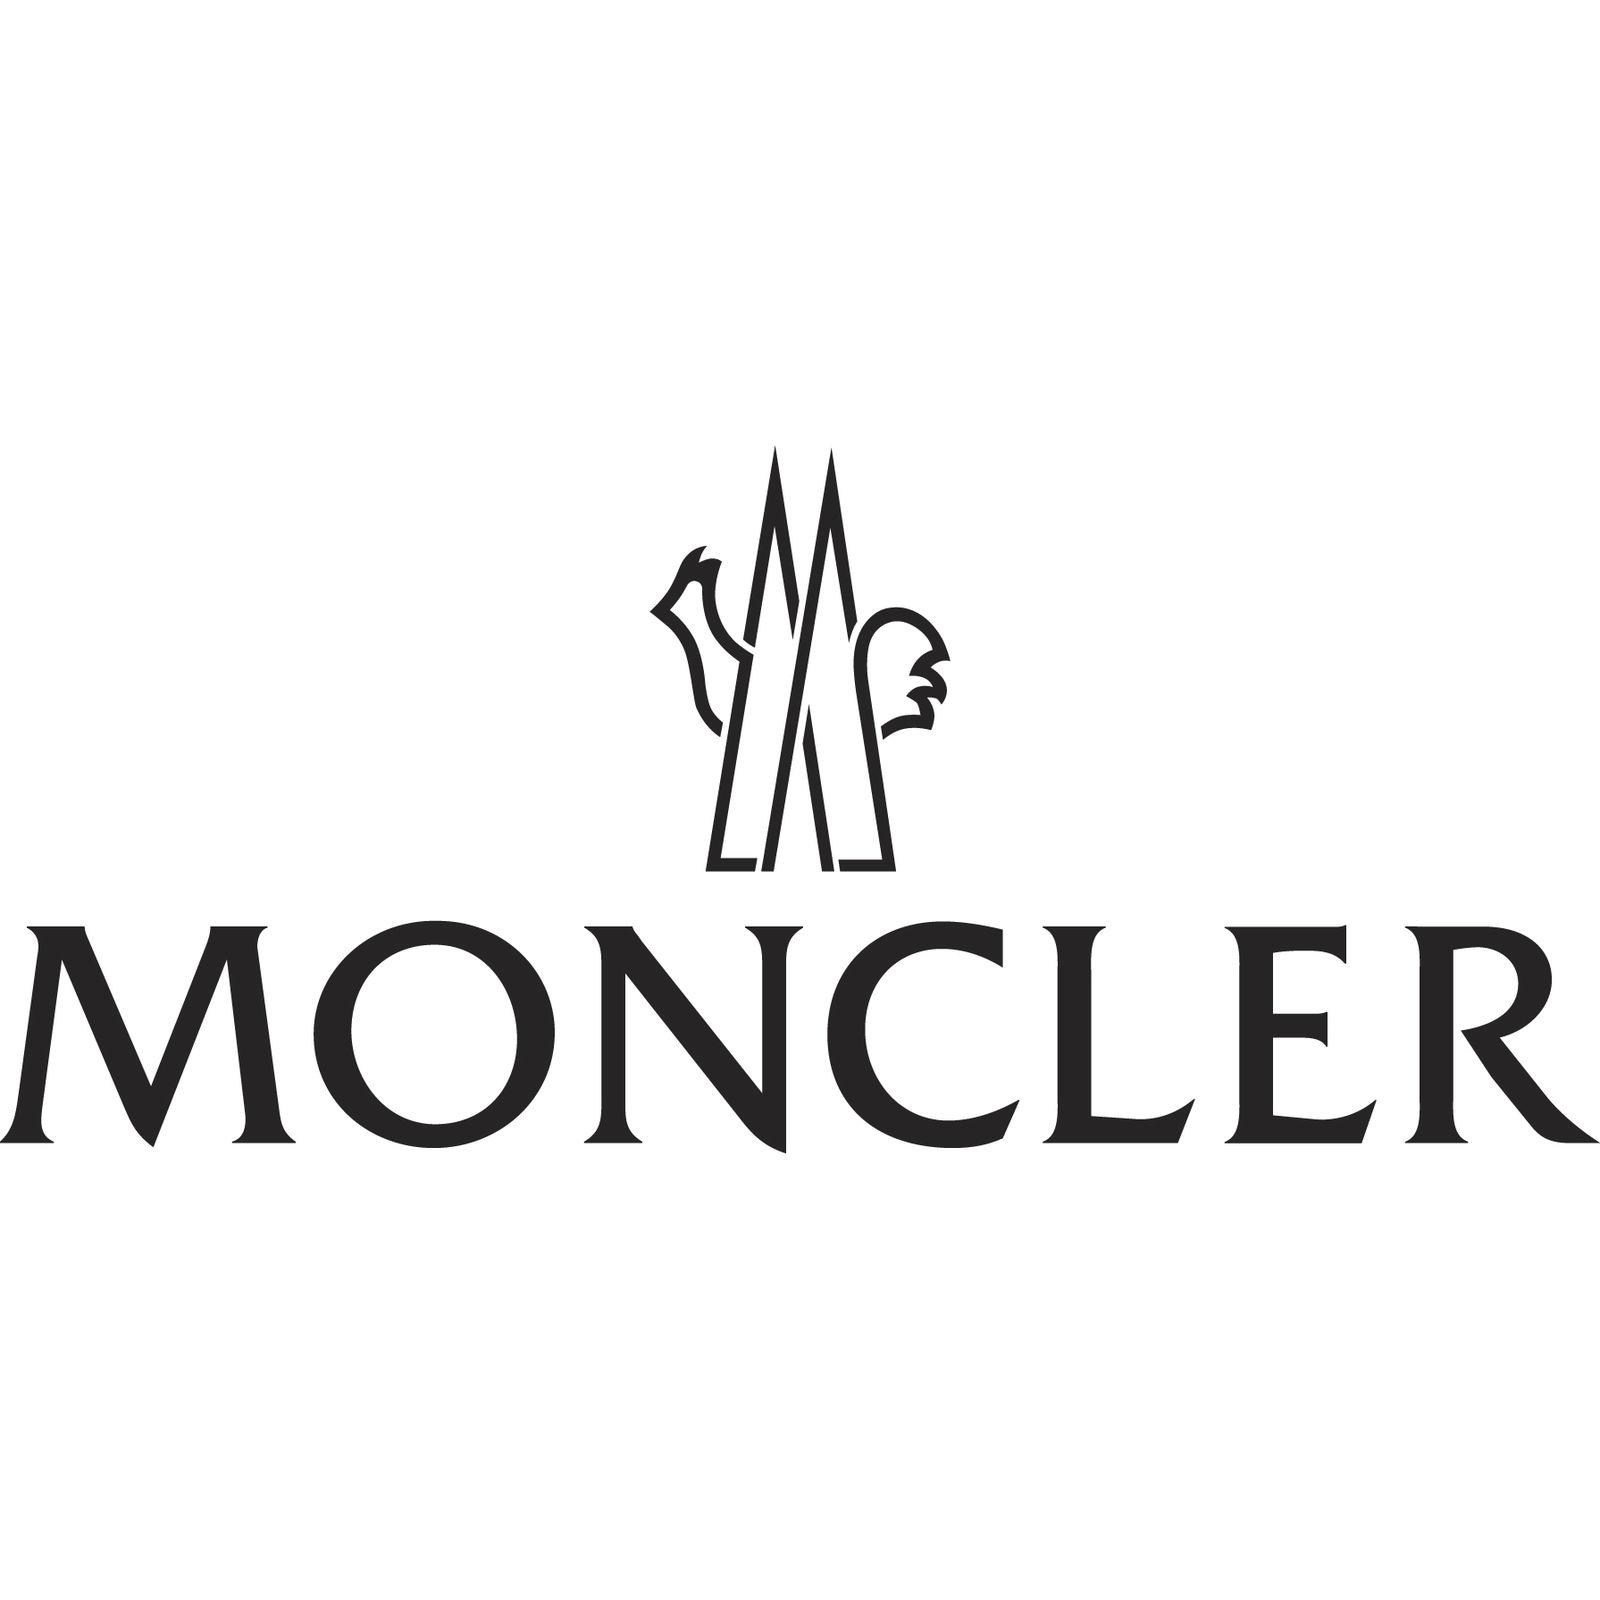 MONCLER (Image 1)